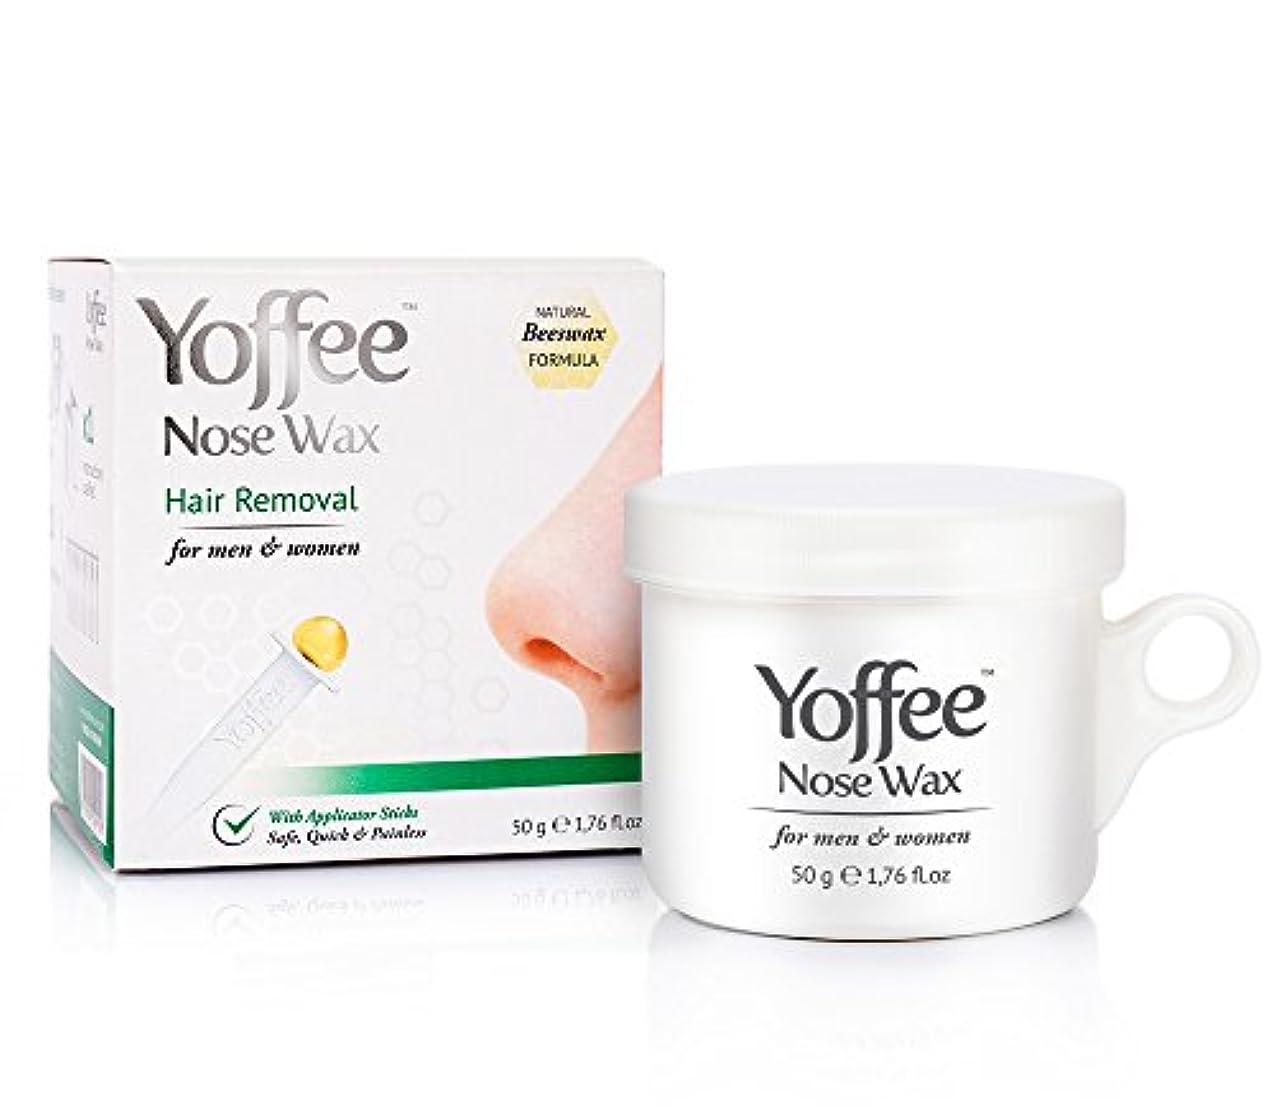 銃必要性ダイアクリティカルヨーフィ (Yoffee) ノーズ ヘア リムーバル 鼻毛 脱毛 ビーズ ワックス